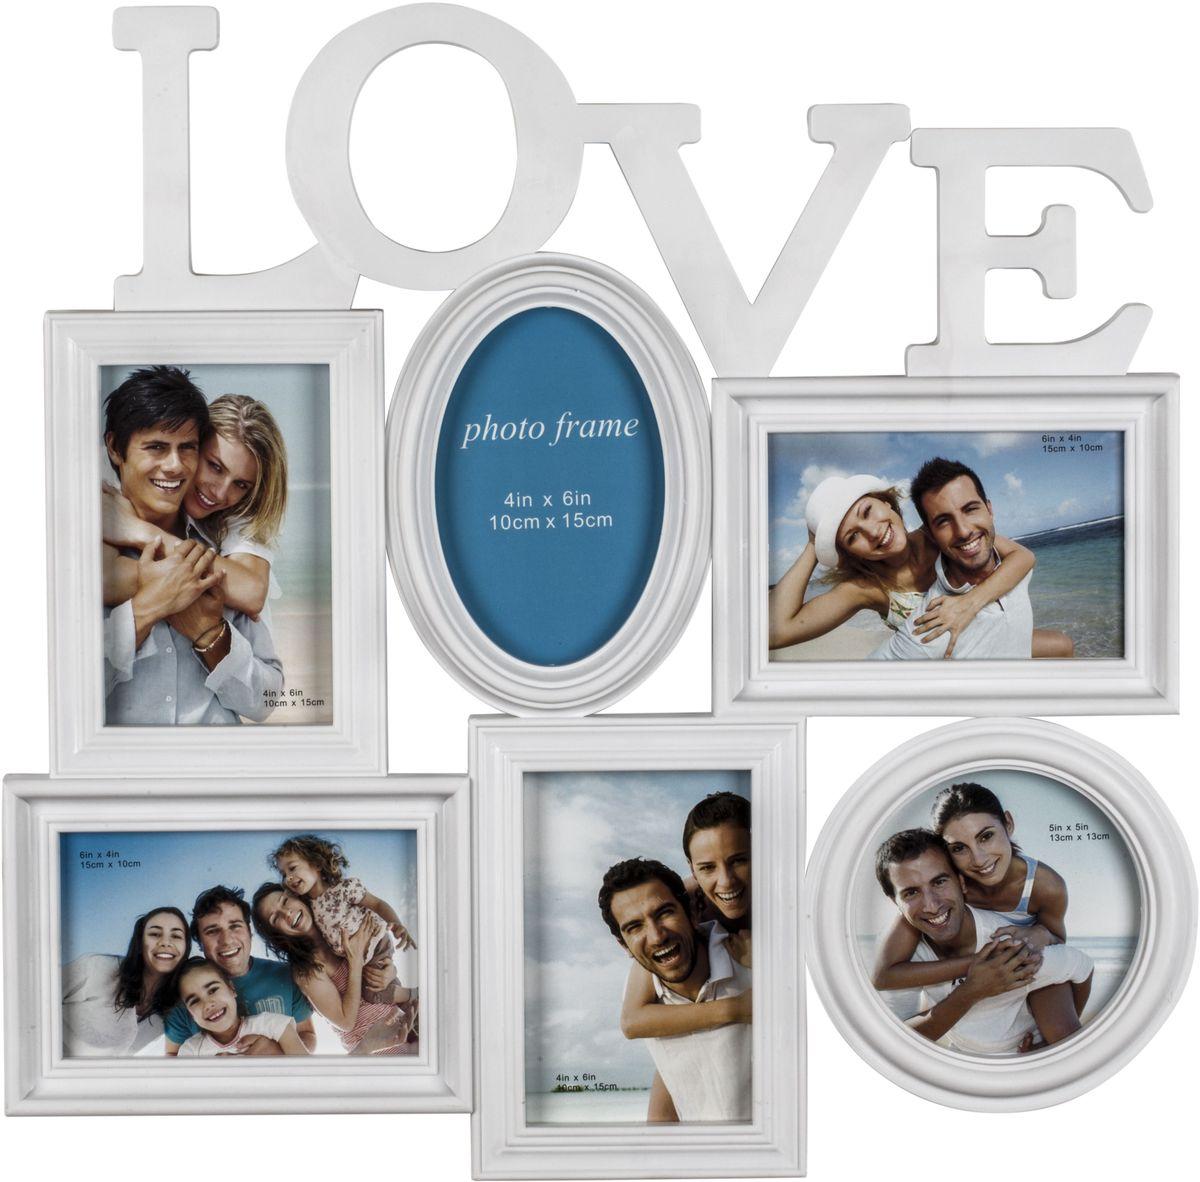 Фоторамка Platinum Love, цвет: белый, на 6 фотоPLATINUM BH-1406-White-БелыйФоторамка Platinum Love - прекрасный способ красиво оформить ваши фотографии. Фоторамка выполнена из пластика и защищена стеклом. Фоторамка-коллаж представляет собой шесть фоторамок для фото разного размера оригинально соединенных между собой. Такая фоторамка поможет сохранить в памяти самые яркие моменты вашей жизни, а стильный дизайн сделает ее прекрасным дополнением интерьера комнаты. Фоторамка подходит для 5 фото 10 х 15 см и 1 фото 13 х 13 см. Общий размер фоторамки: 46 х 47 см.